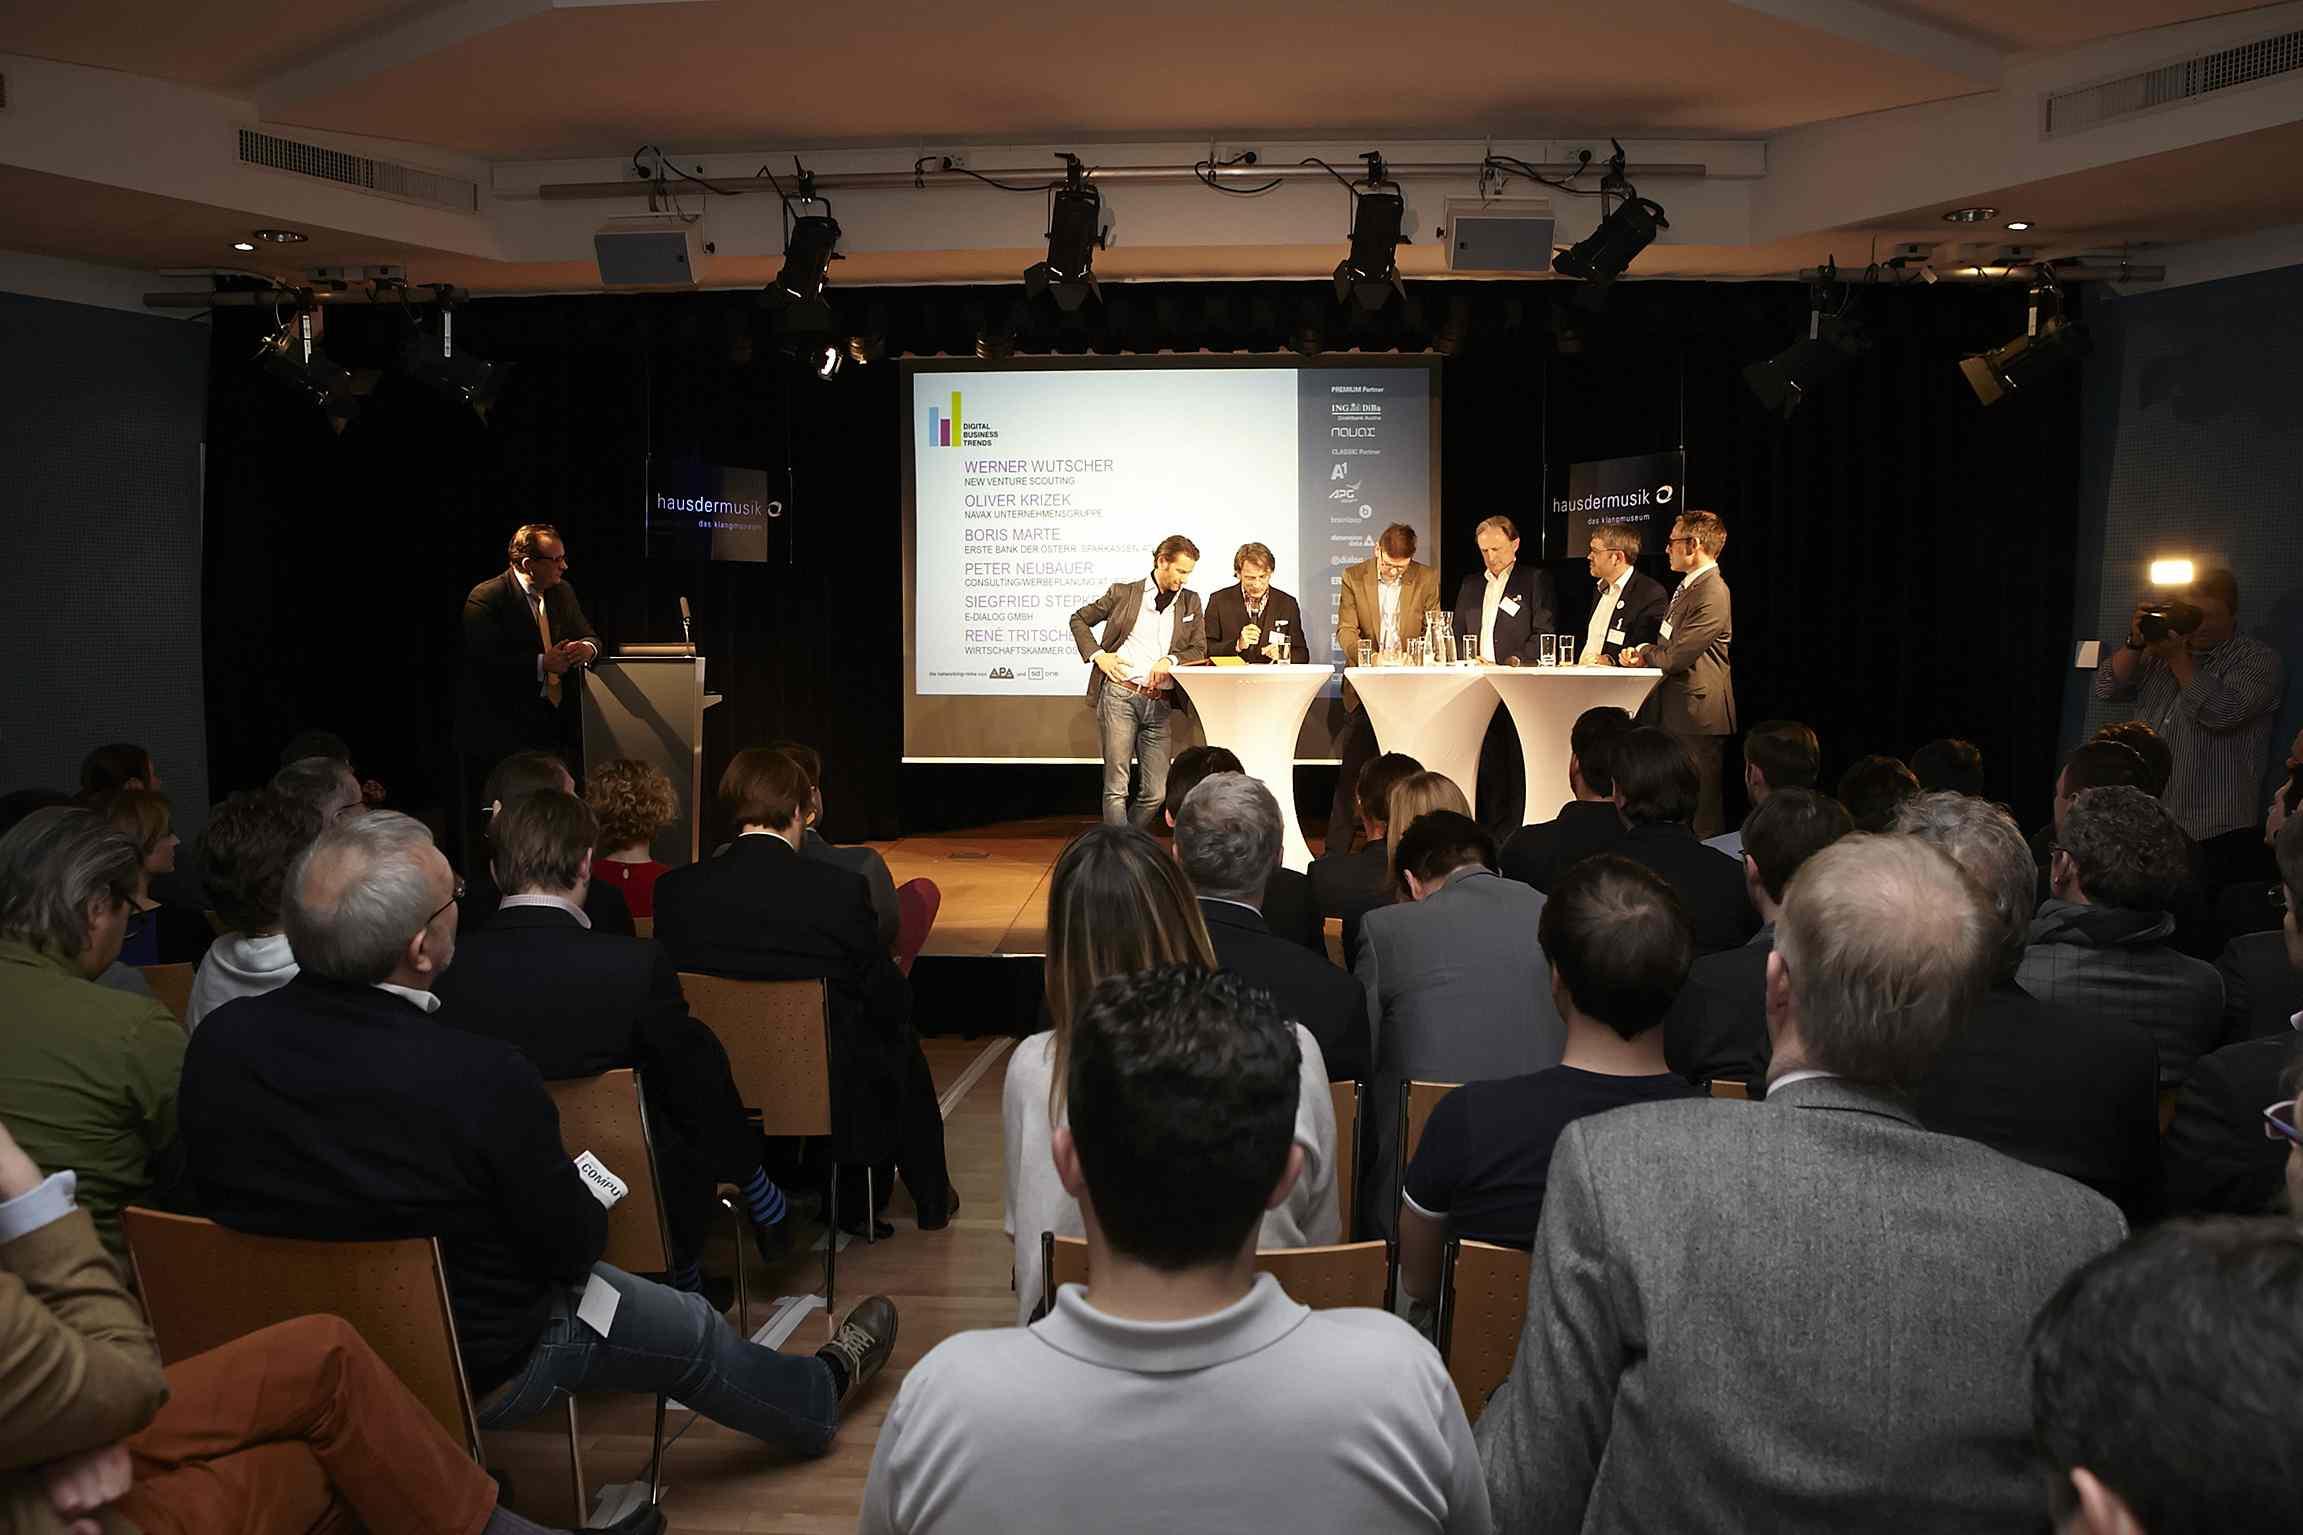 Volles Haus bei der Digital Business Trends Veranstaltung im Haus der Musik in Wien (Foto: APA - Austria Presse Agentur/Katharina Roßboth)